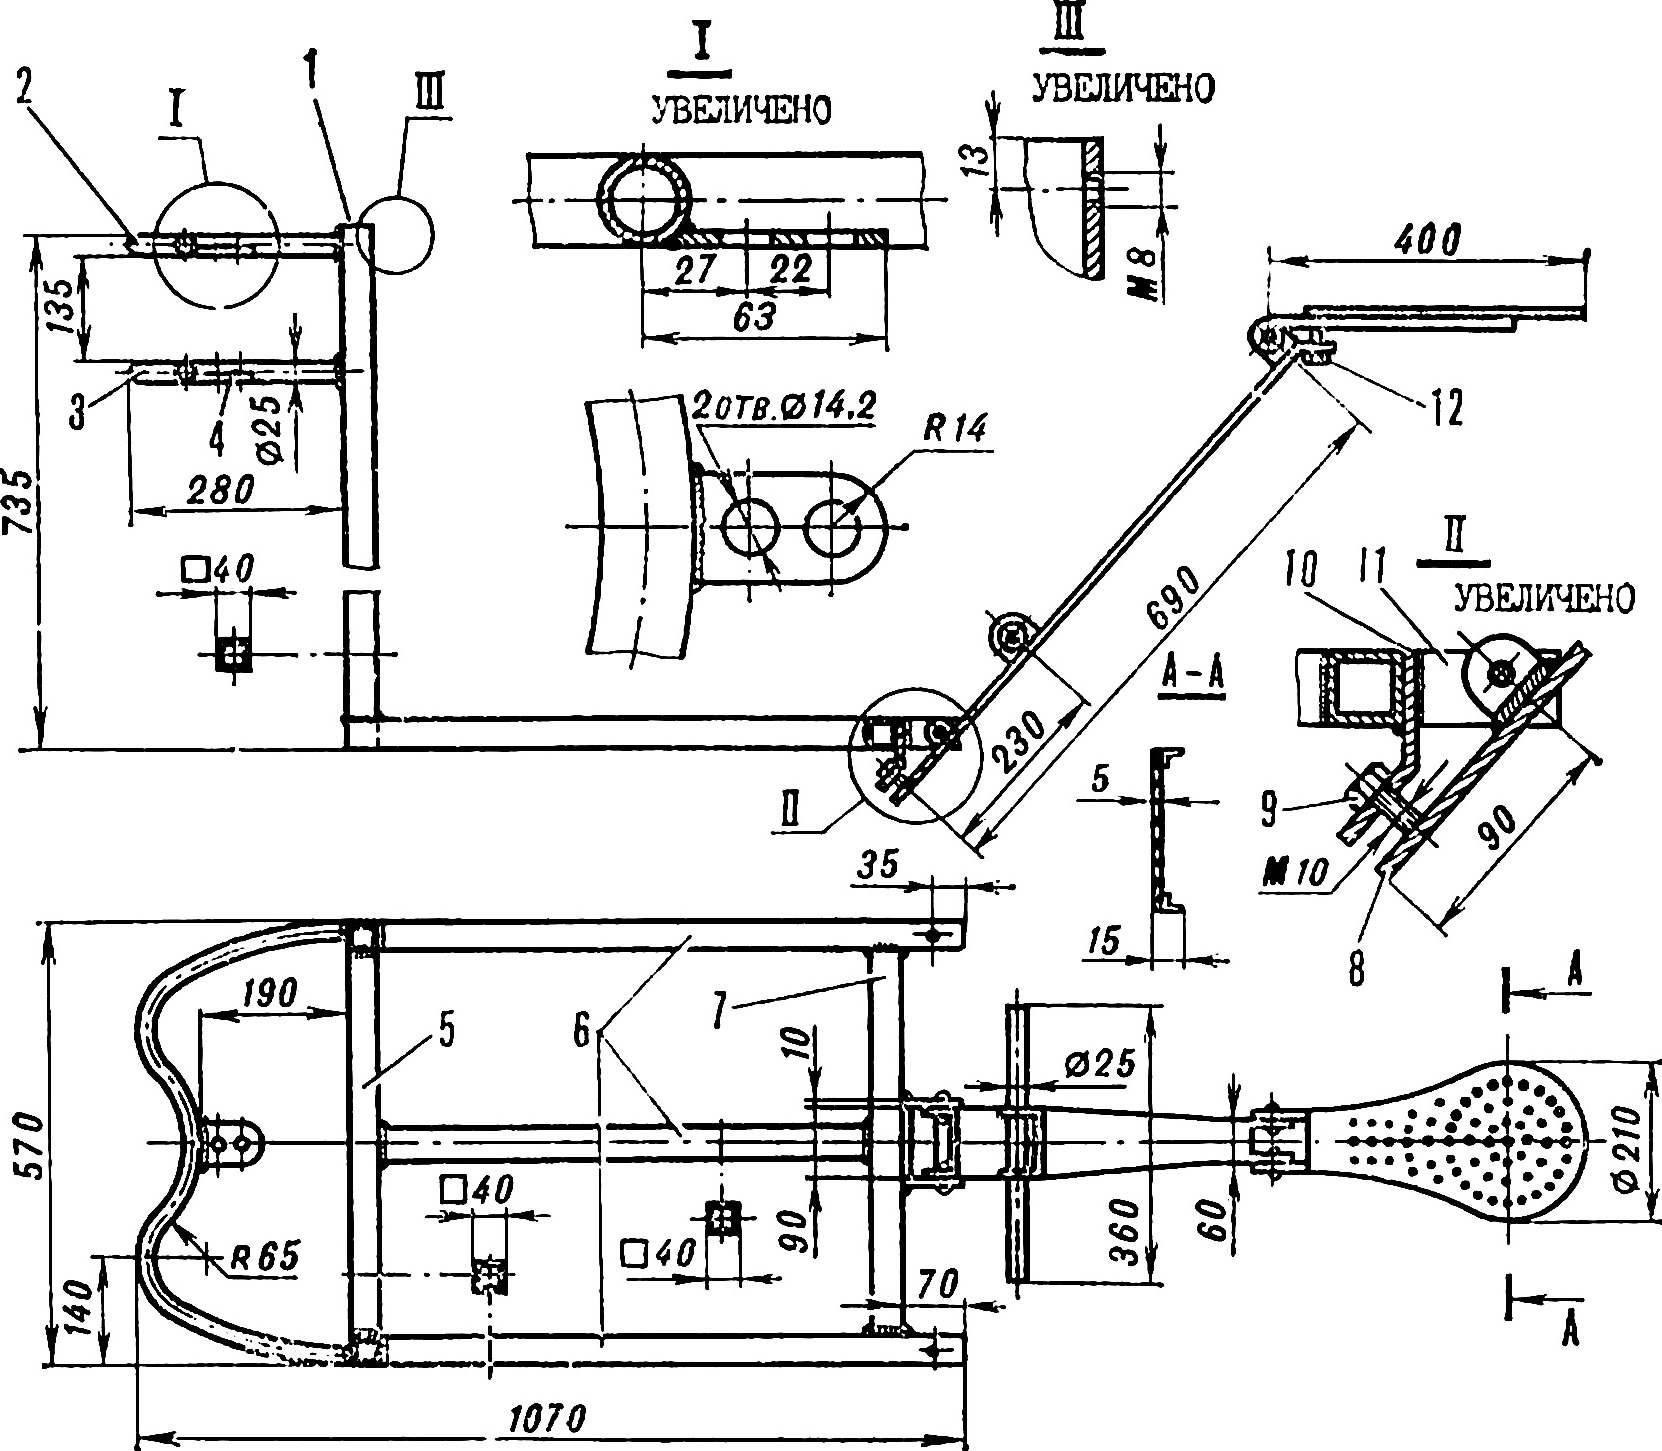 Рис. 2. Конструкция тележки.